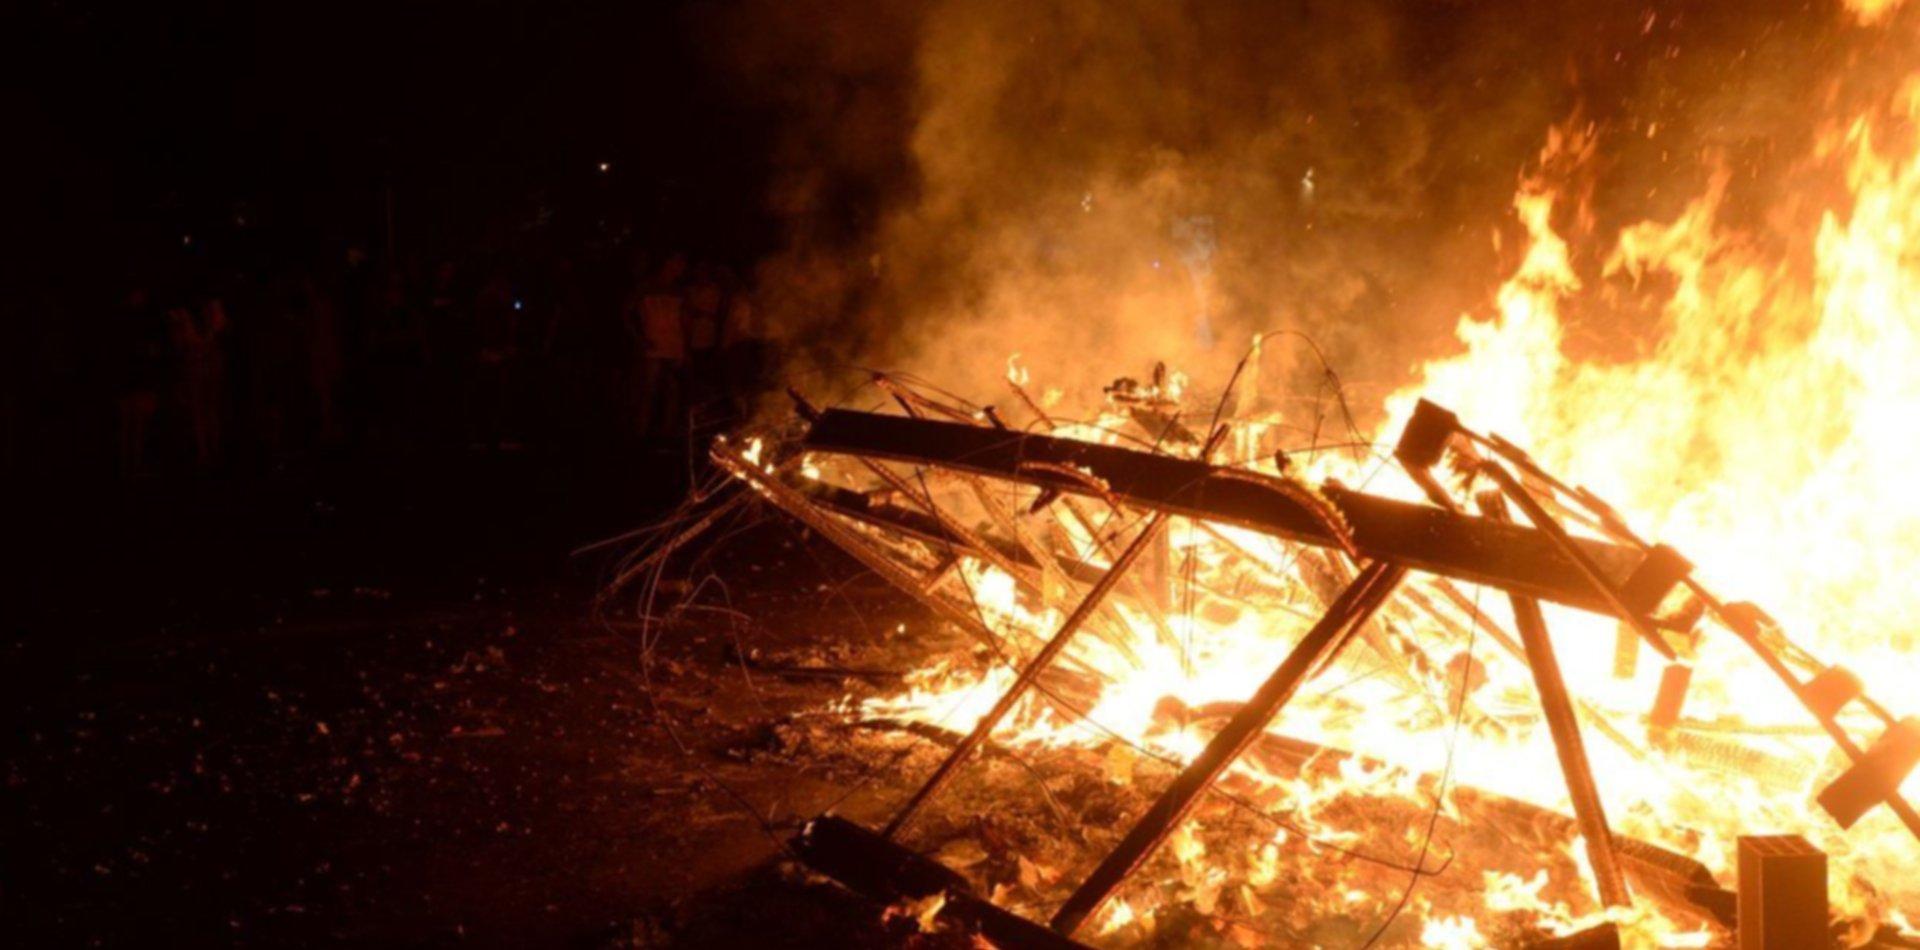 Bronca e indignación: les incendiaron el muñeco que estaban preparando para fin de año